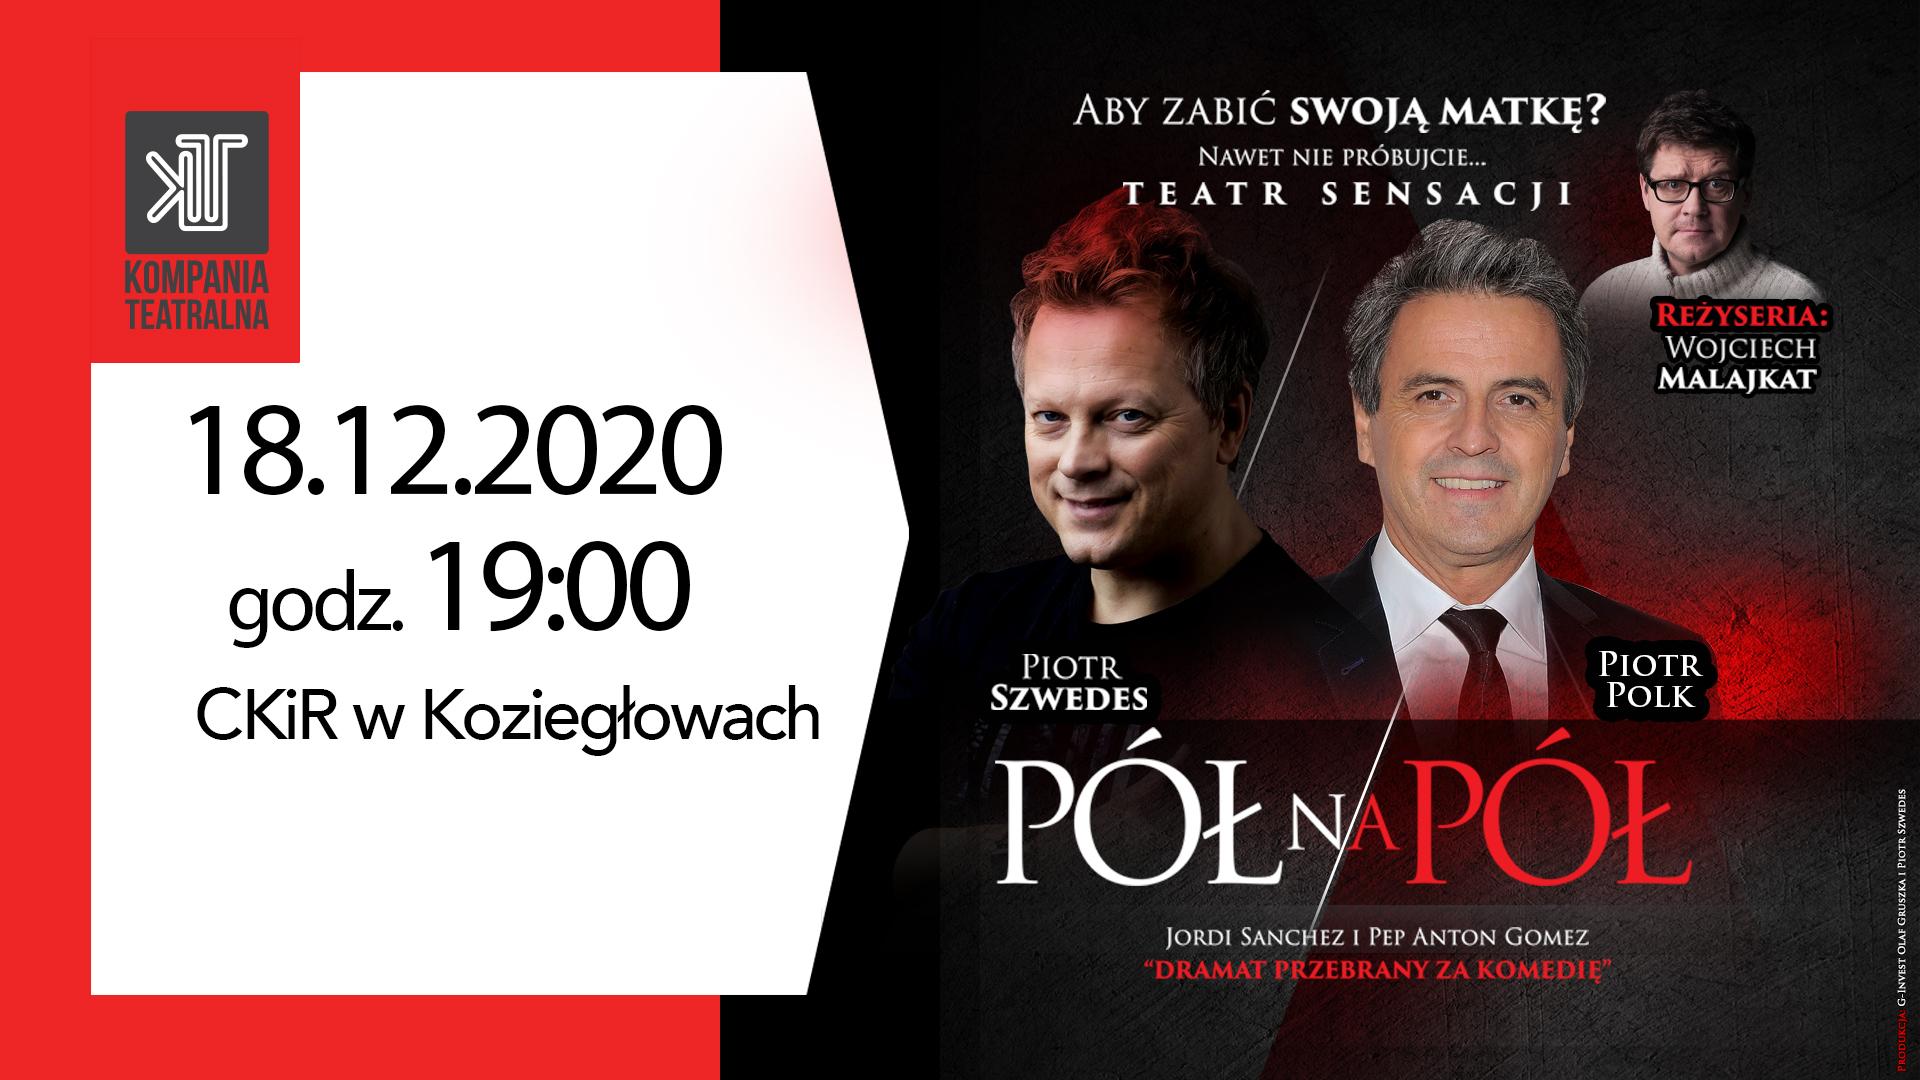 półnapół_cover 18.12.2020